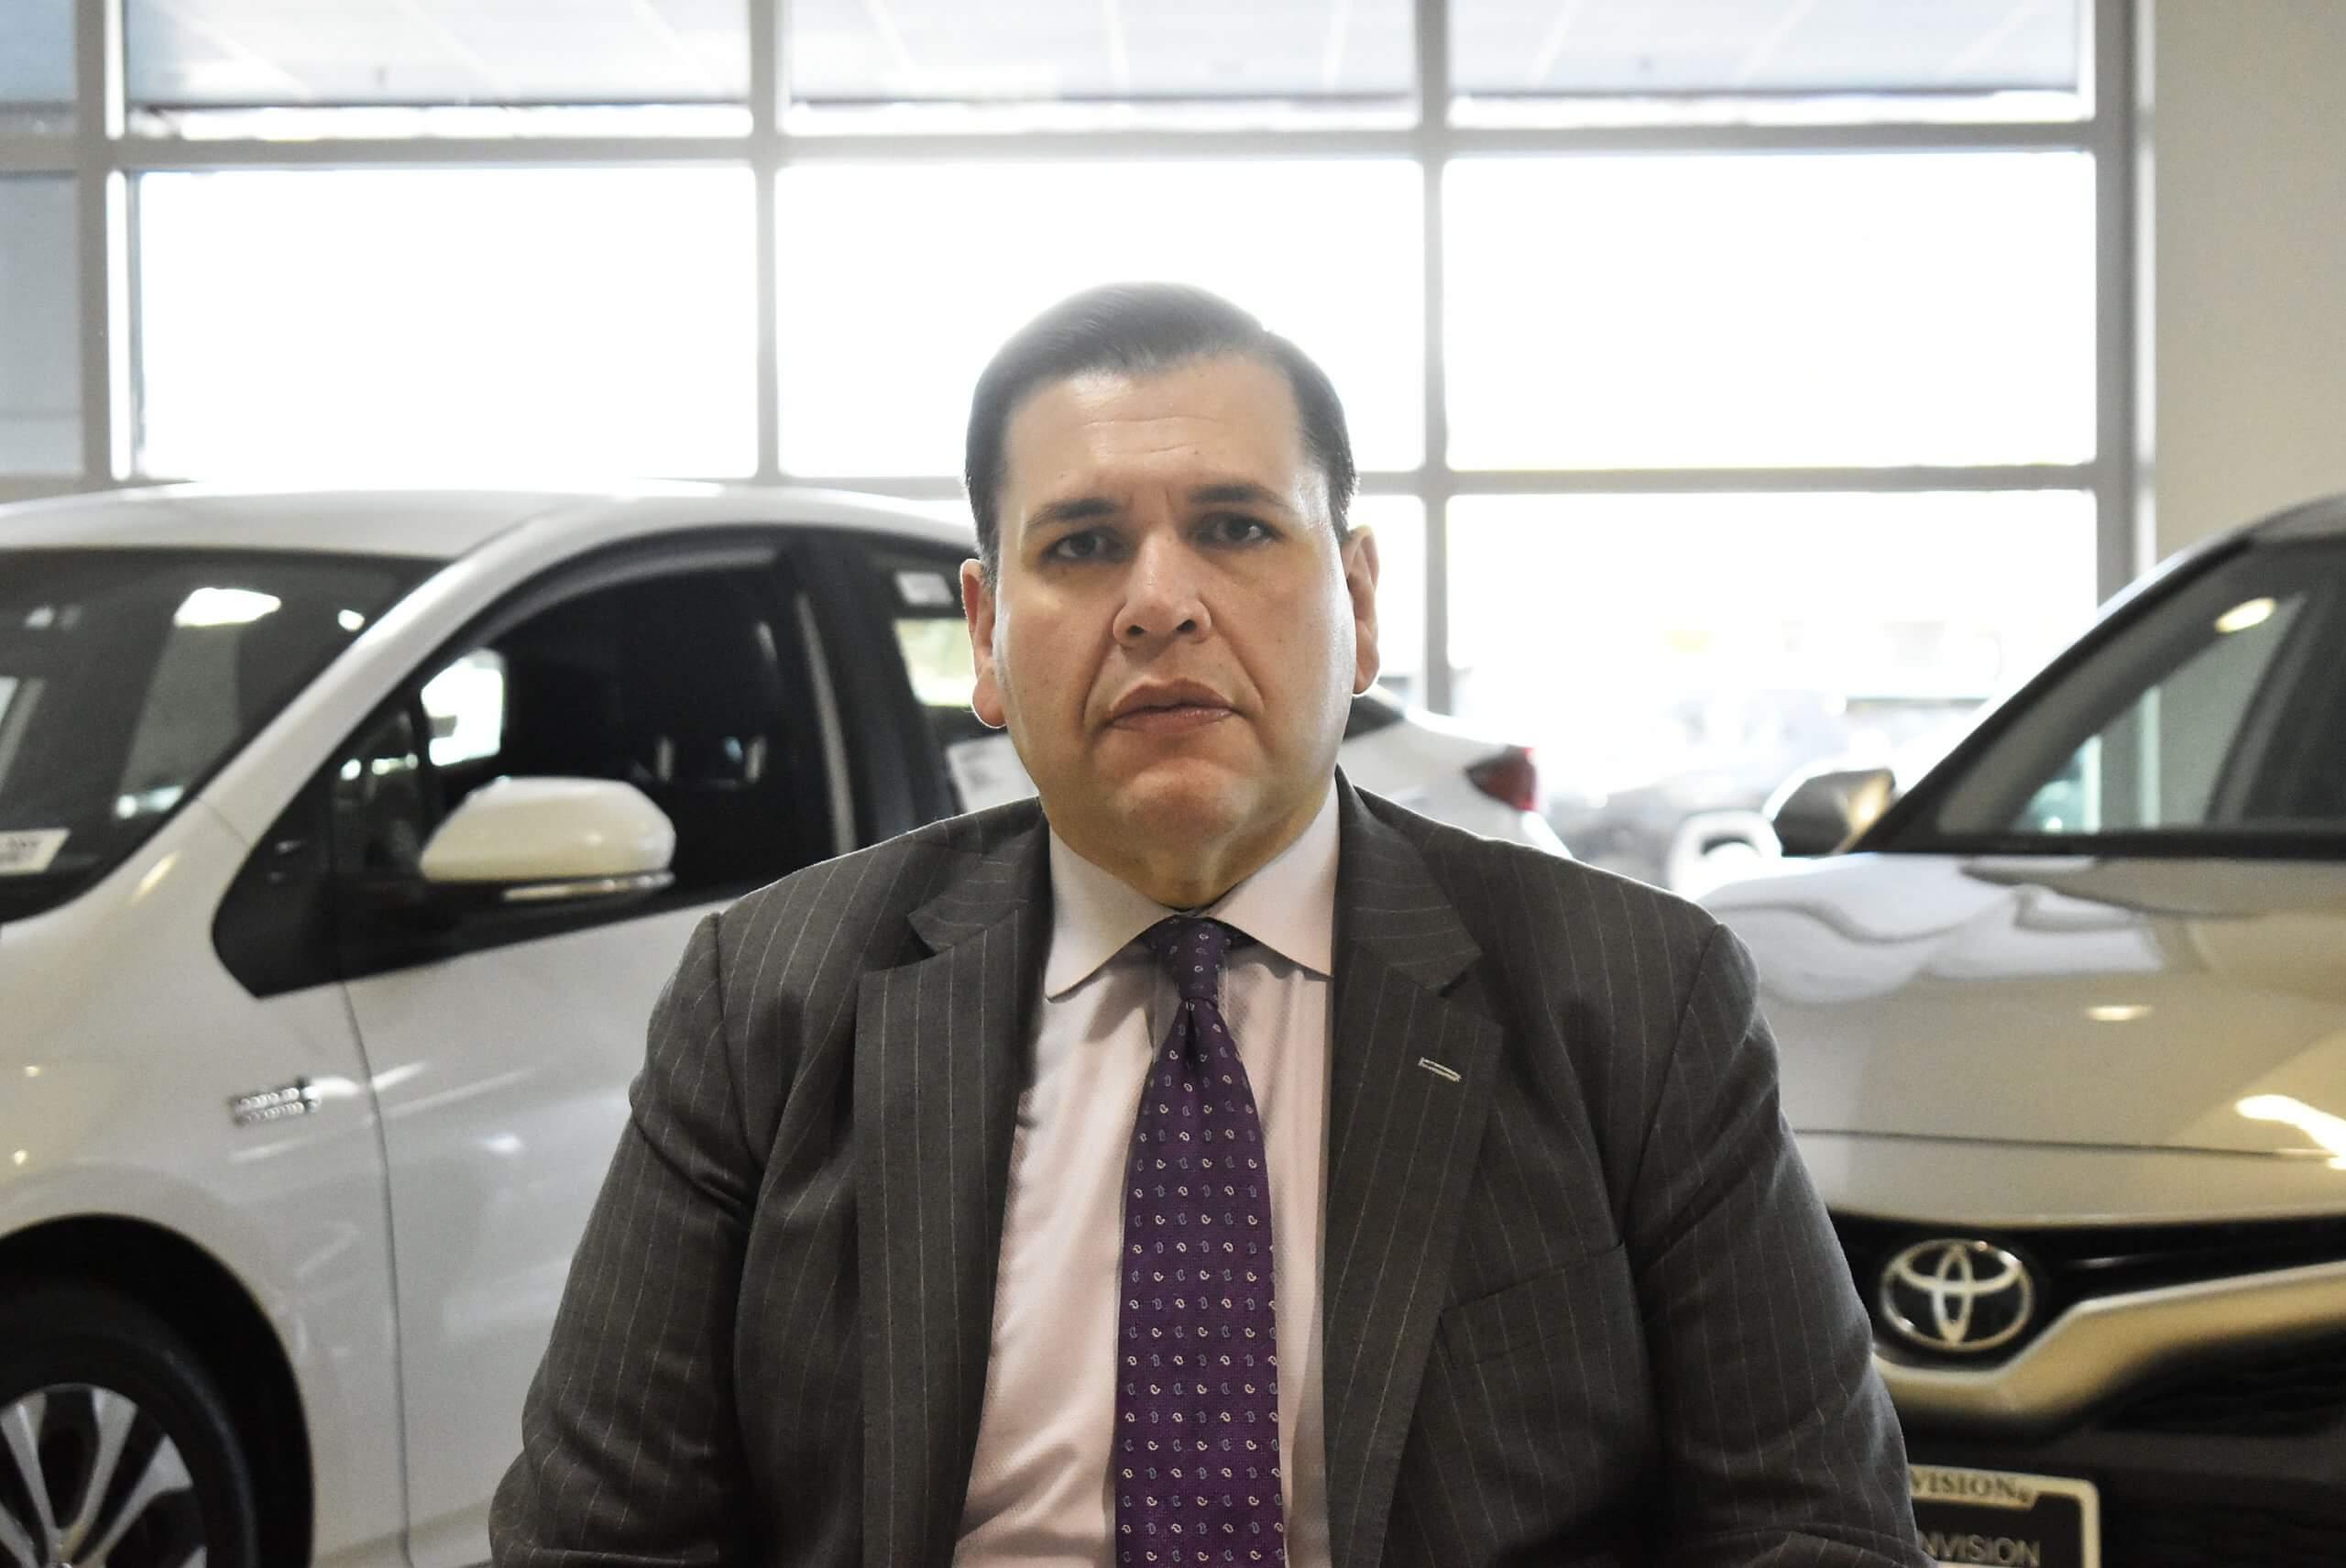 Humberto Leon